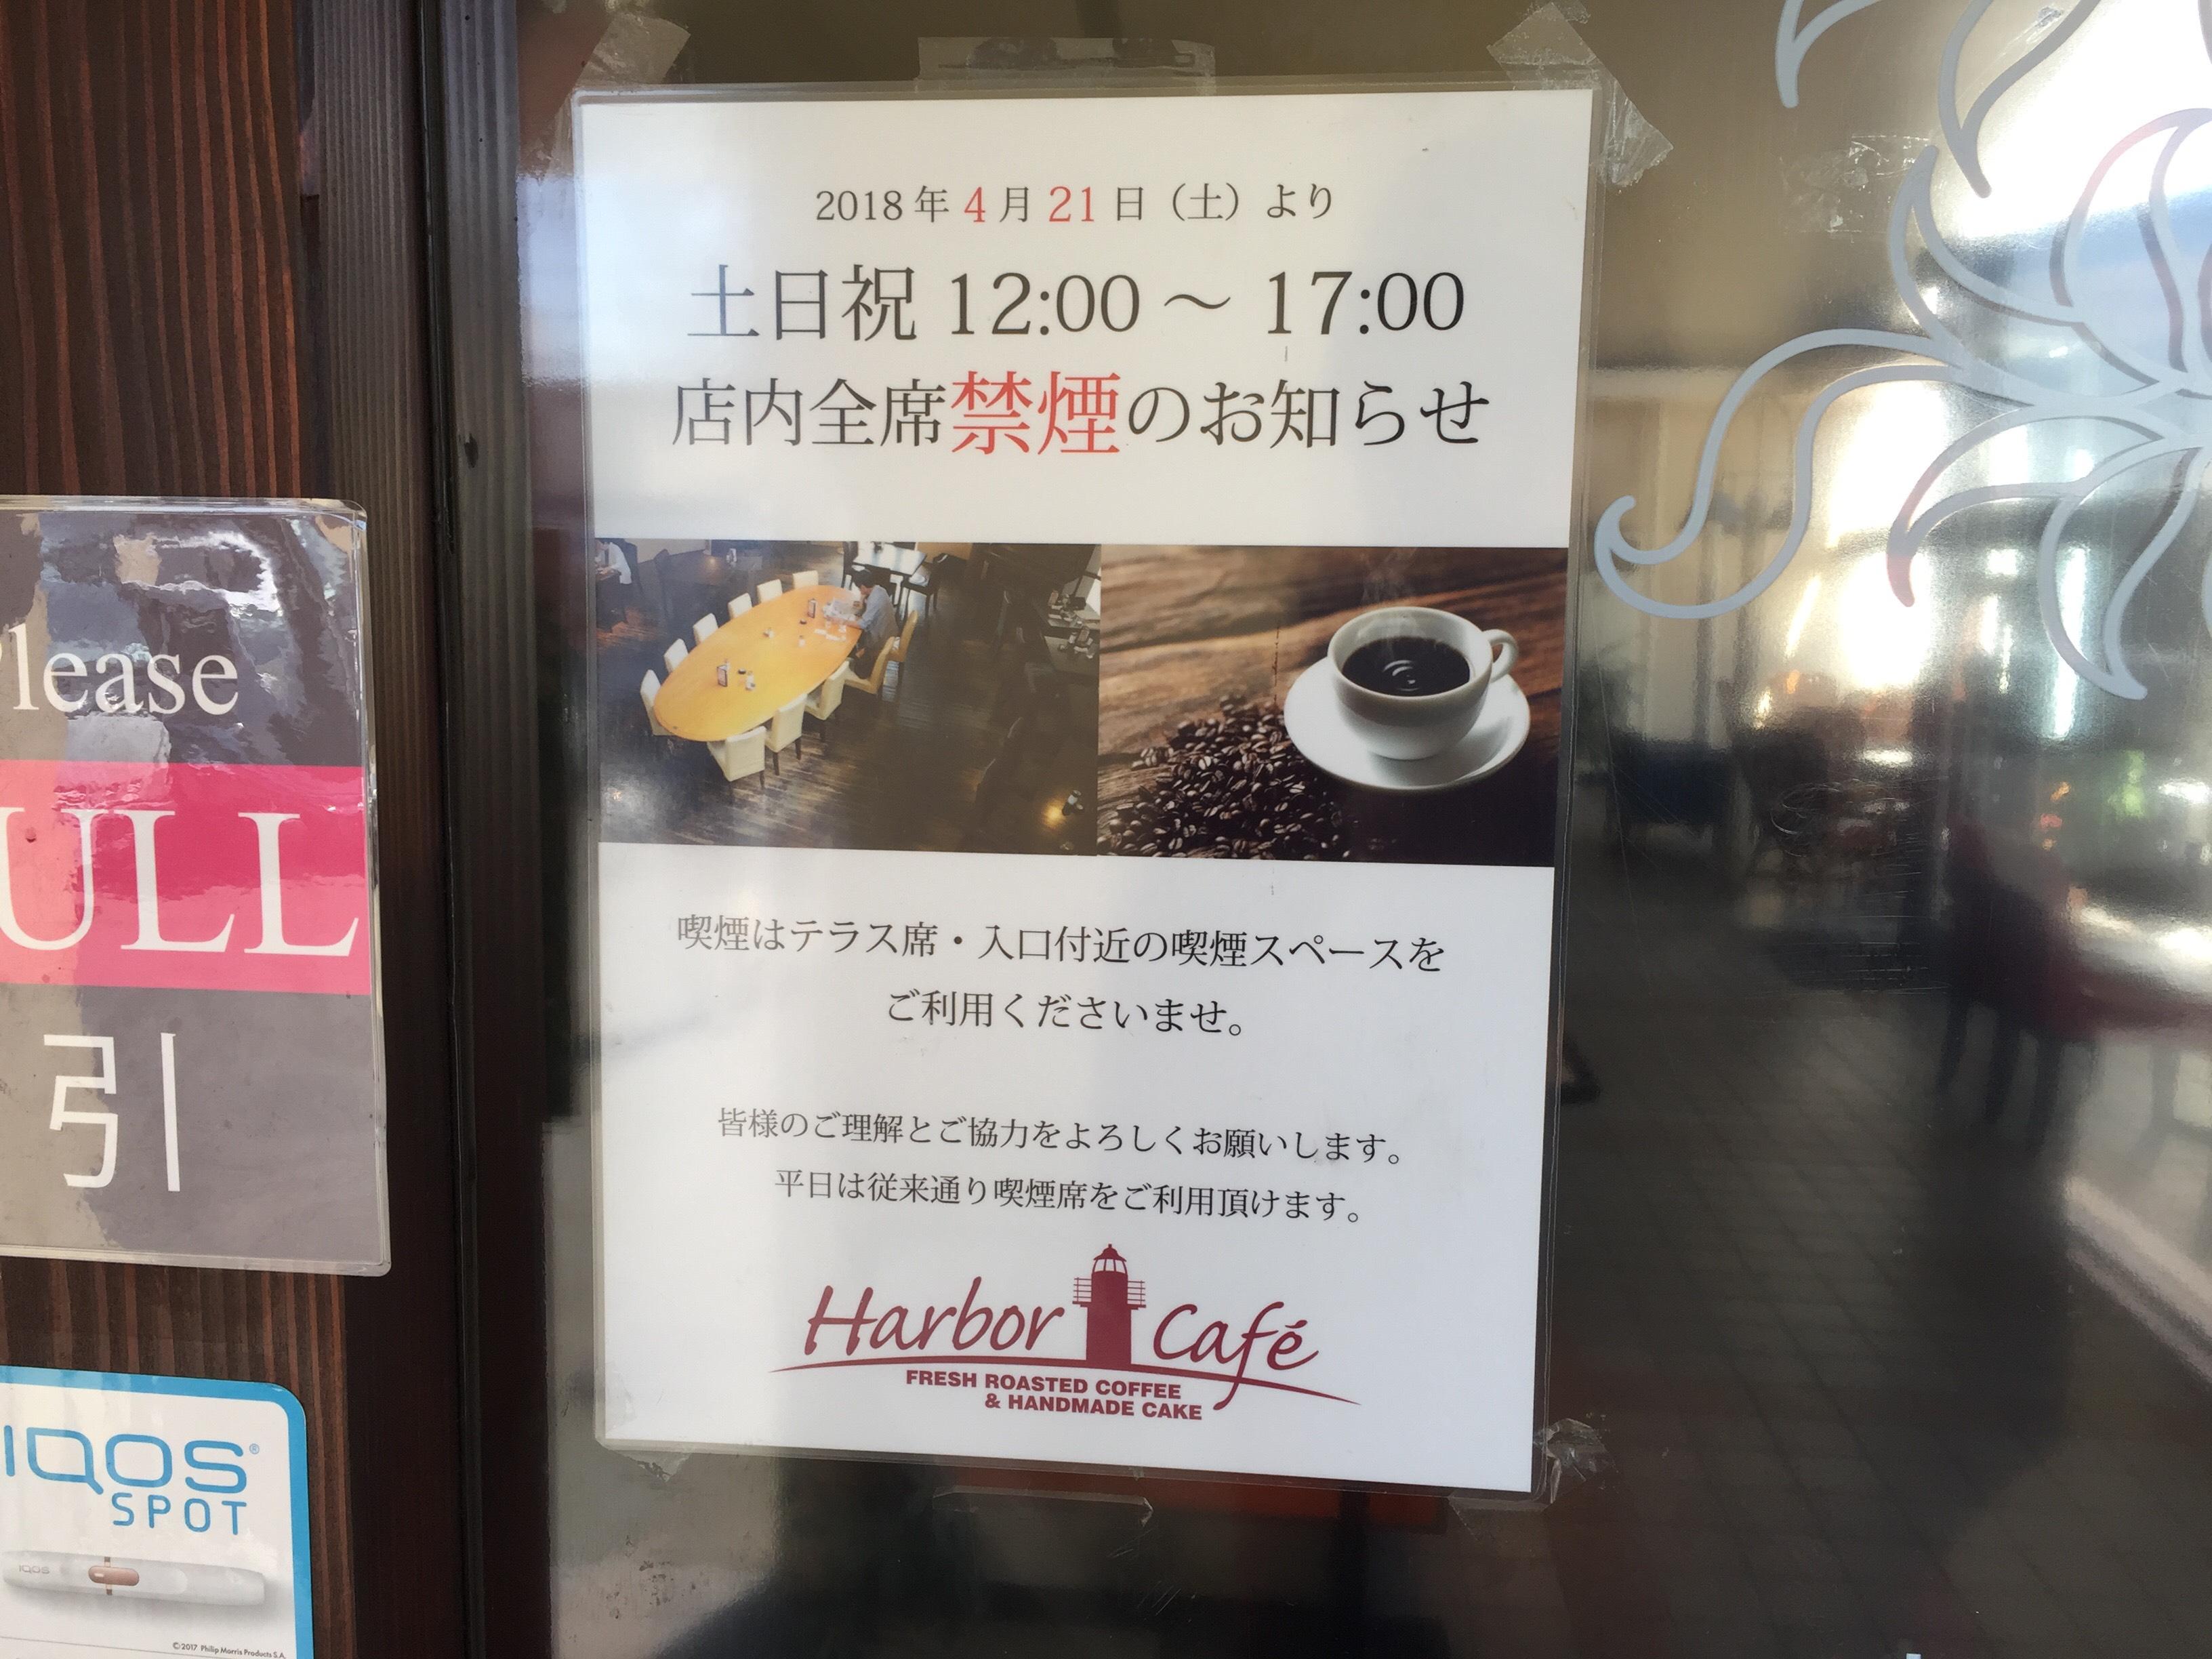 ハーバーカフェ 24時間 喫茶店